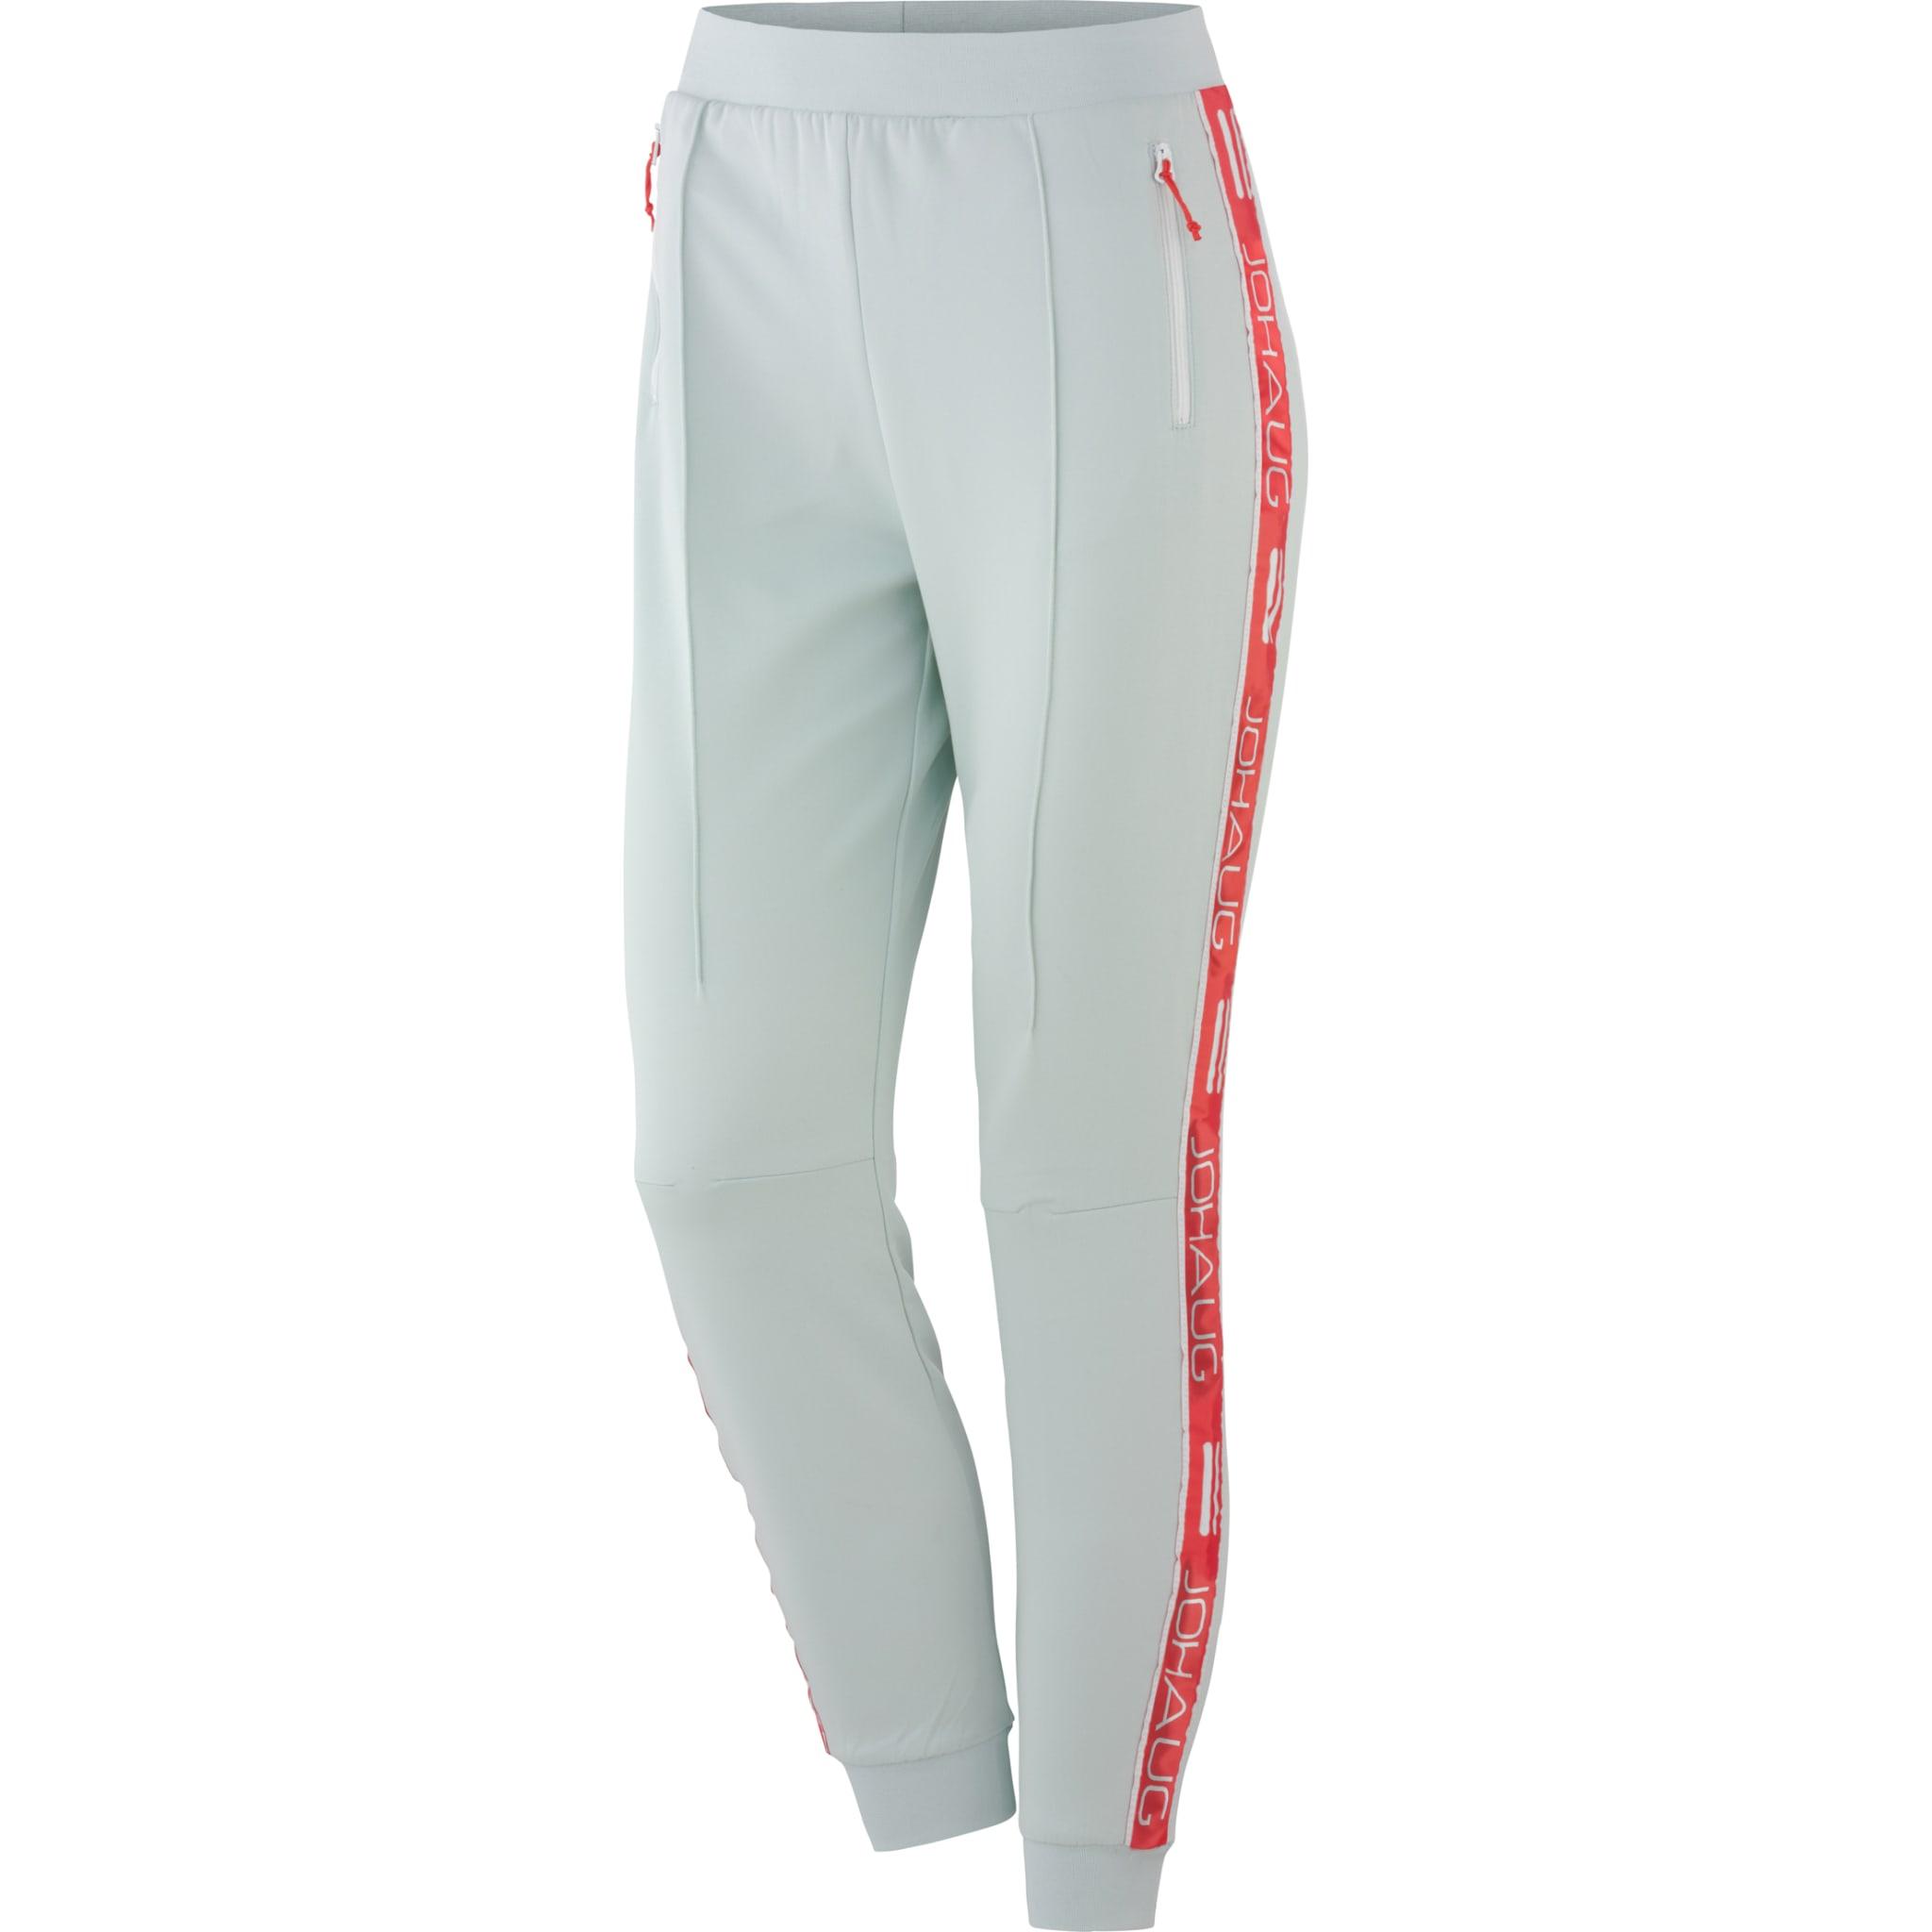 Track-suit bukse med høyt liv i retro stil